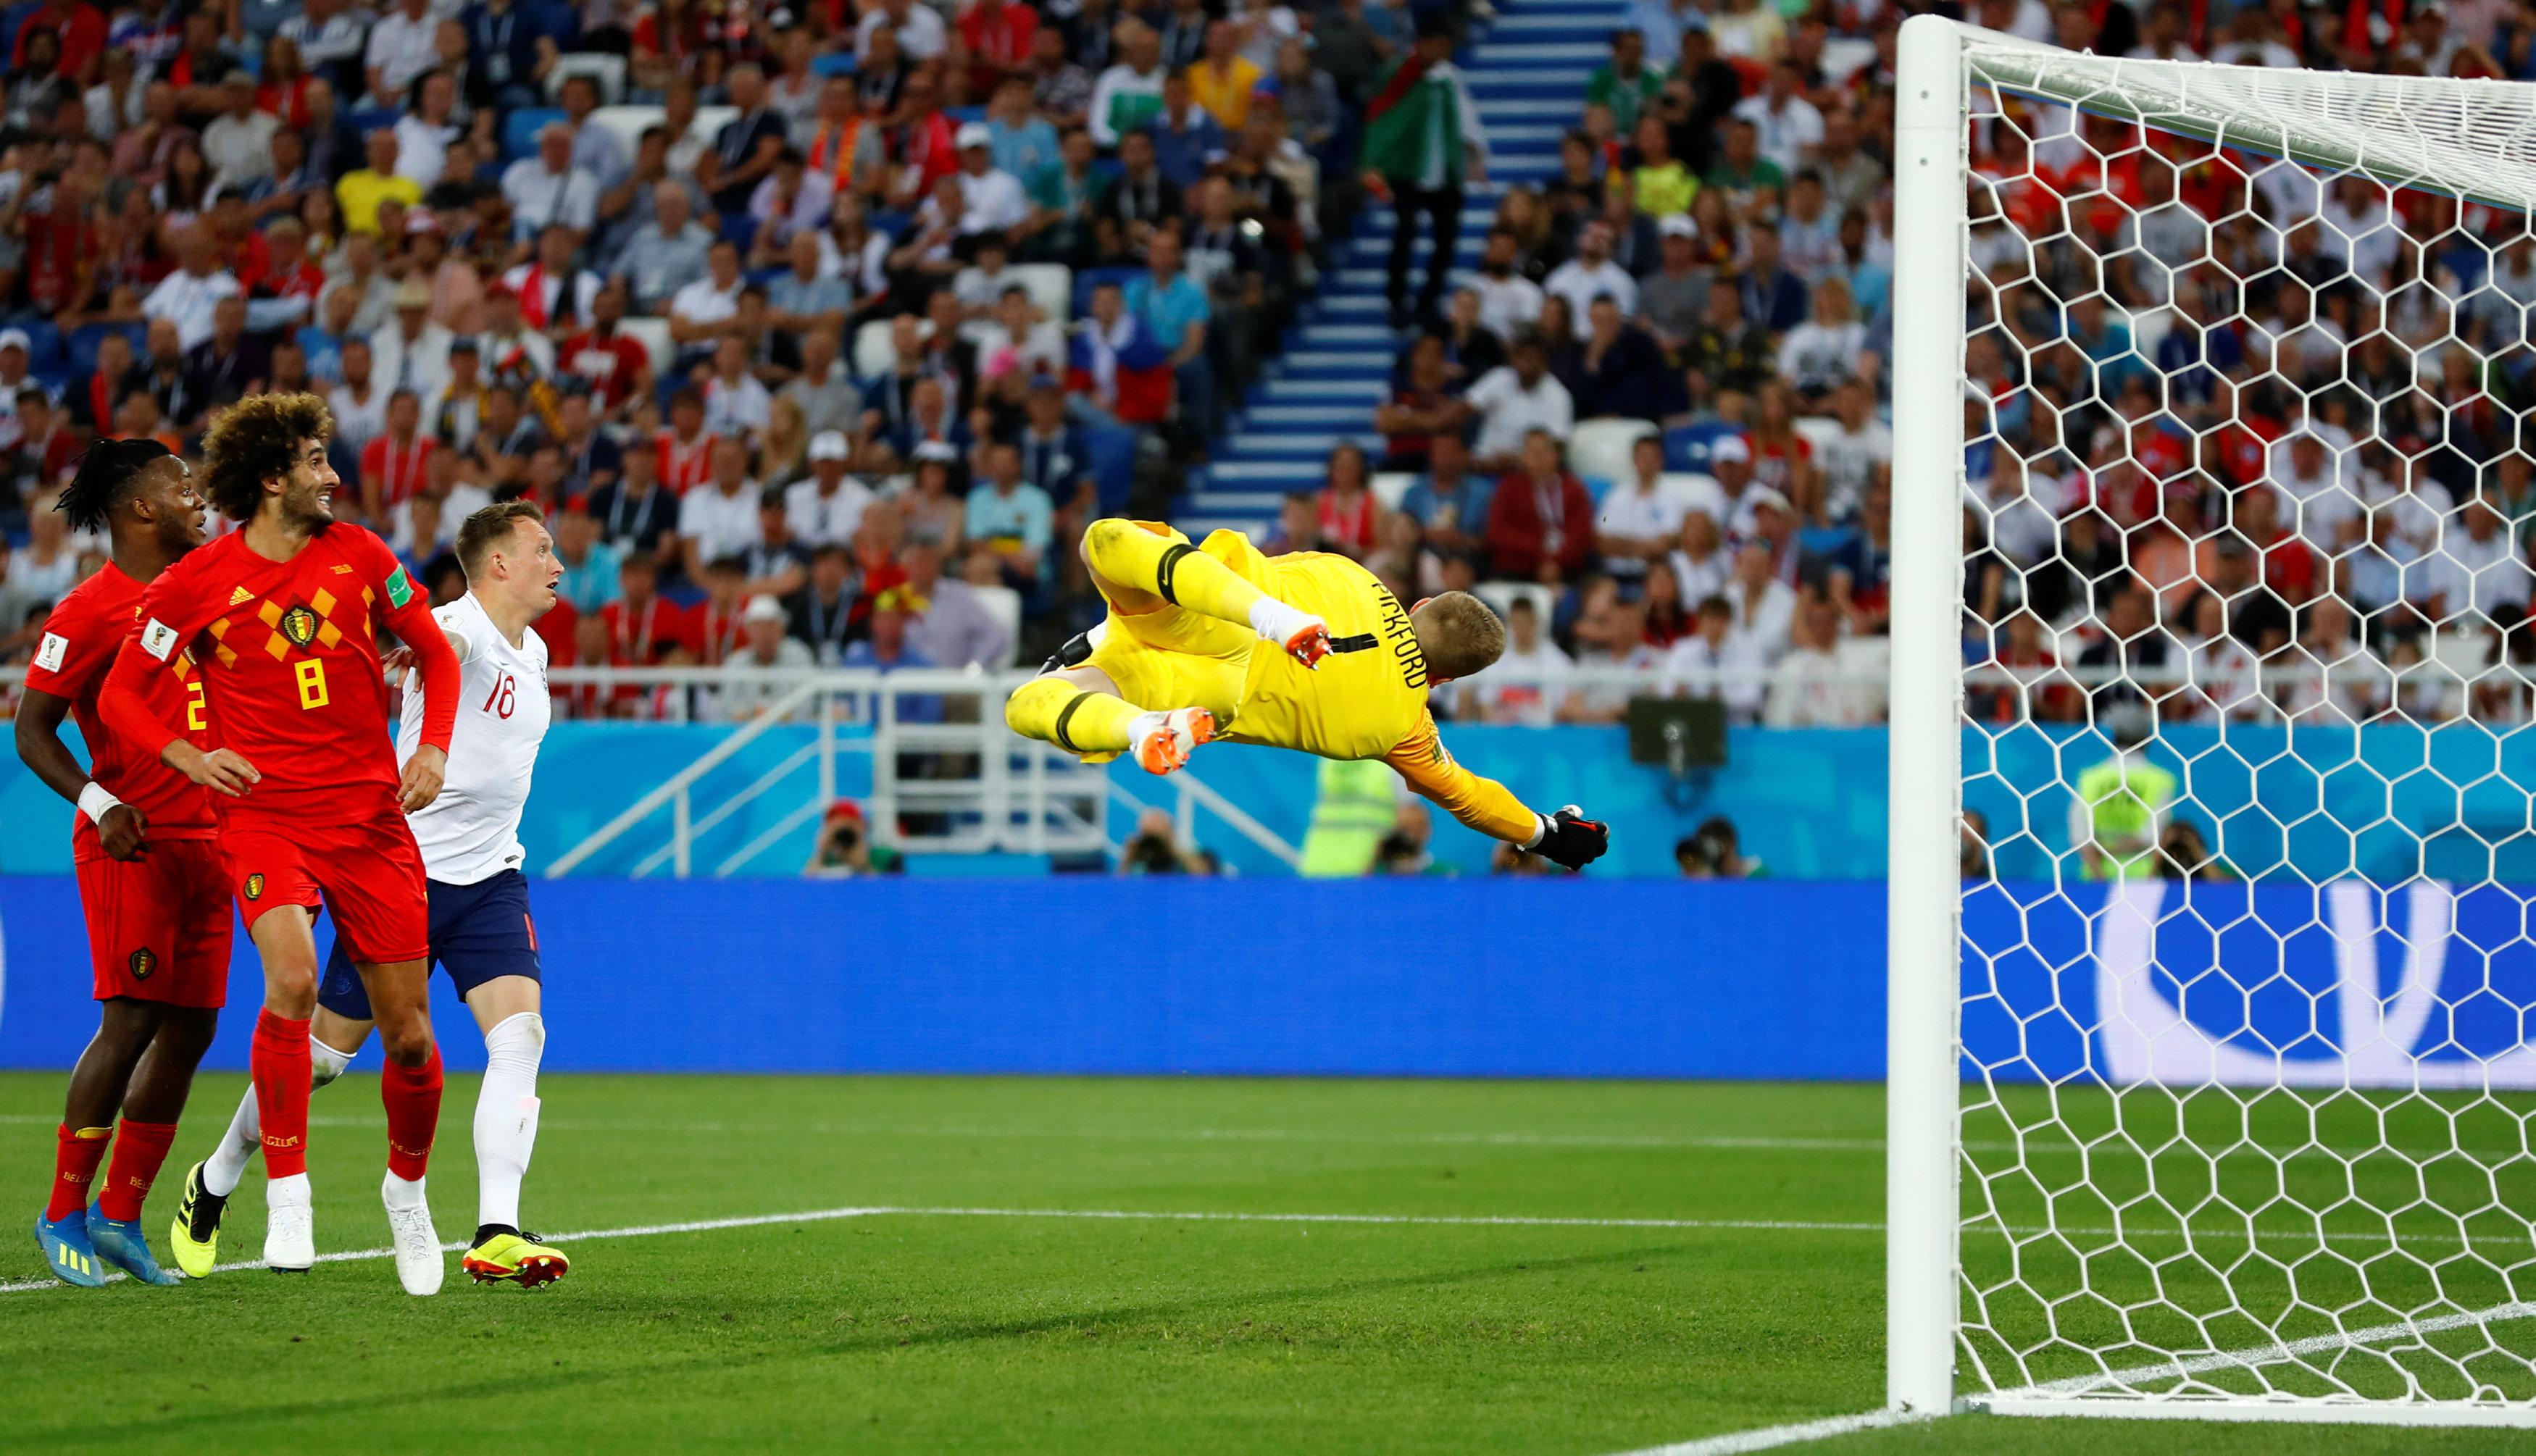 Januzaj gives Belgium 1-0 win over England and top spot